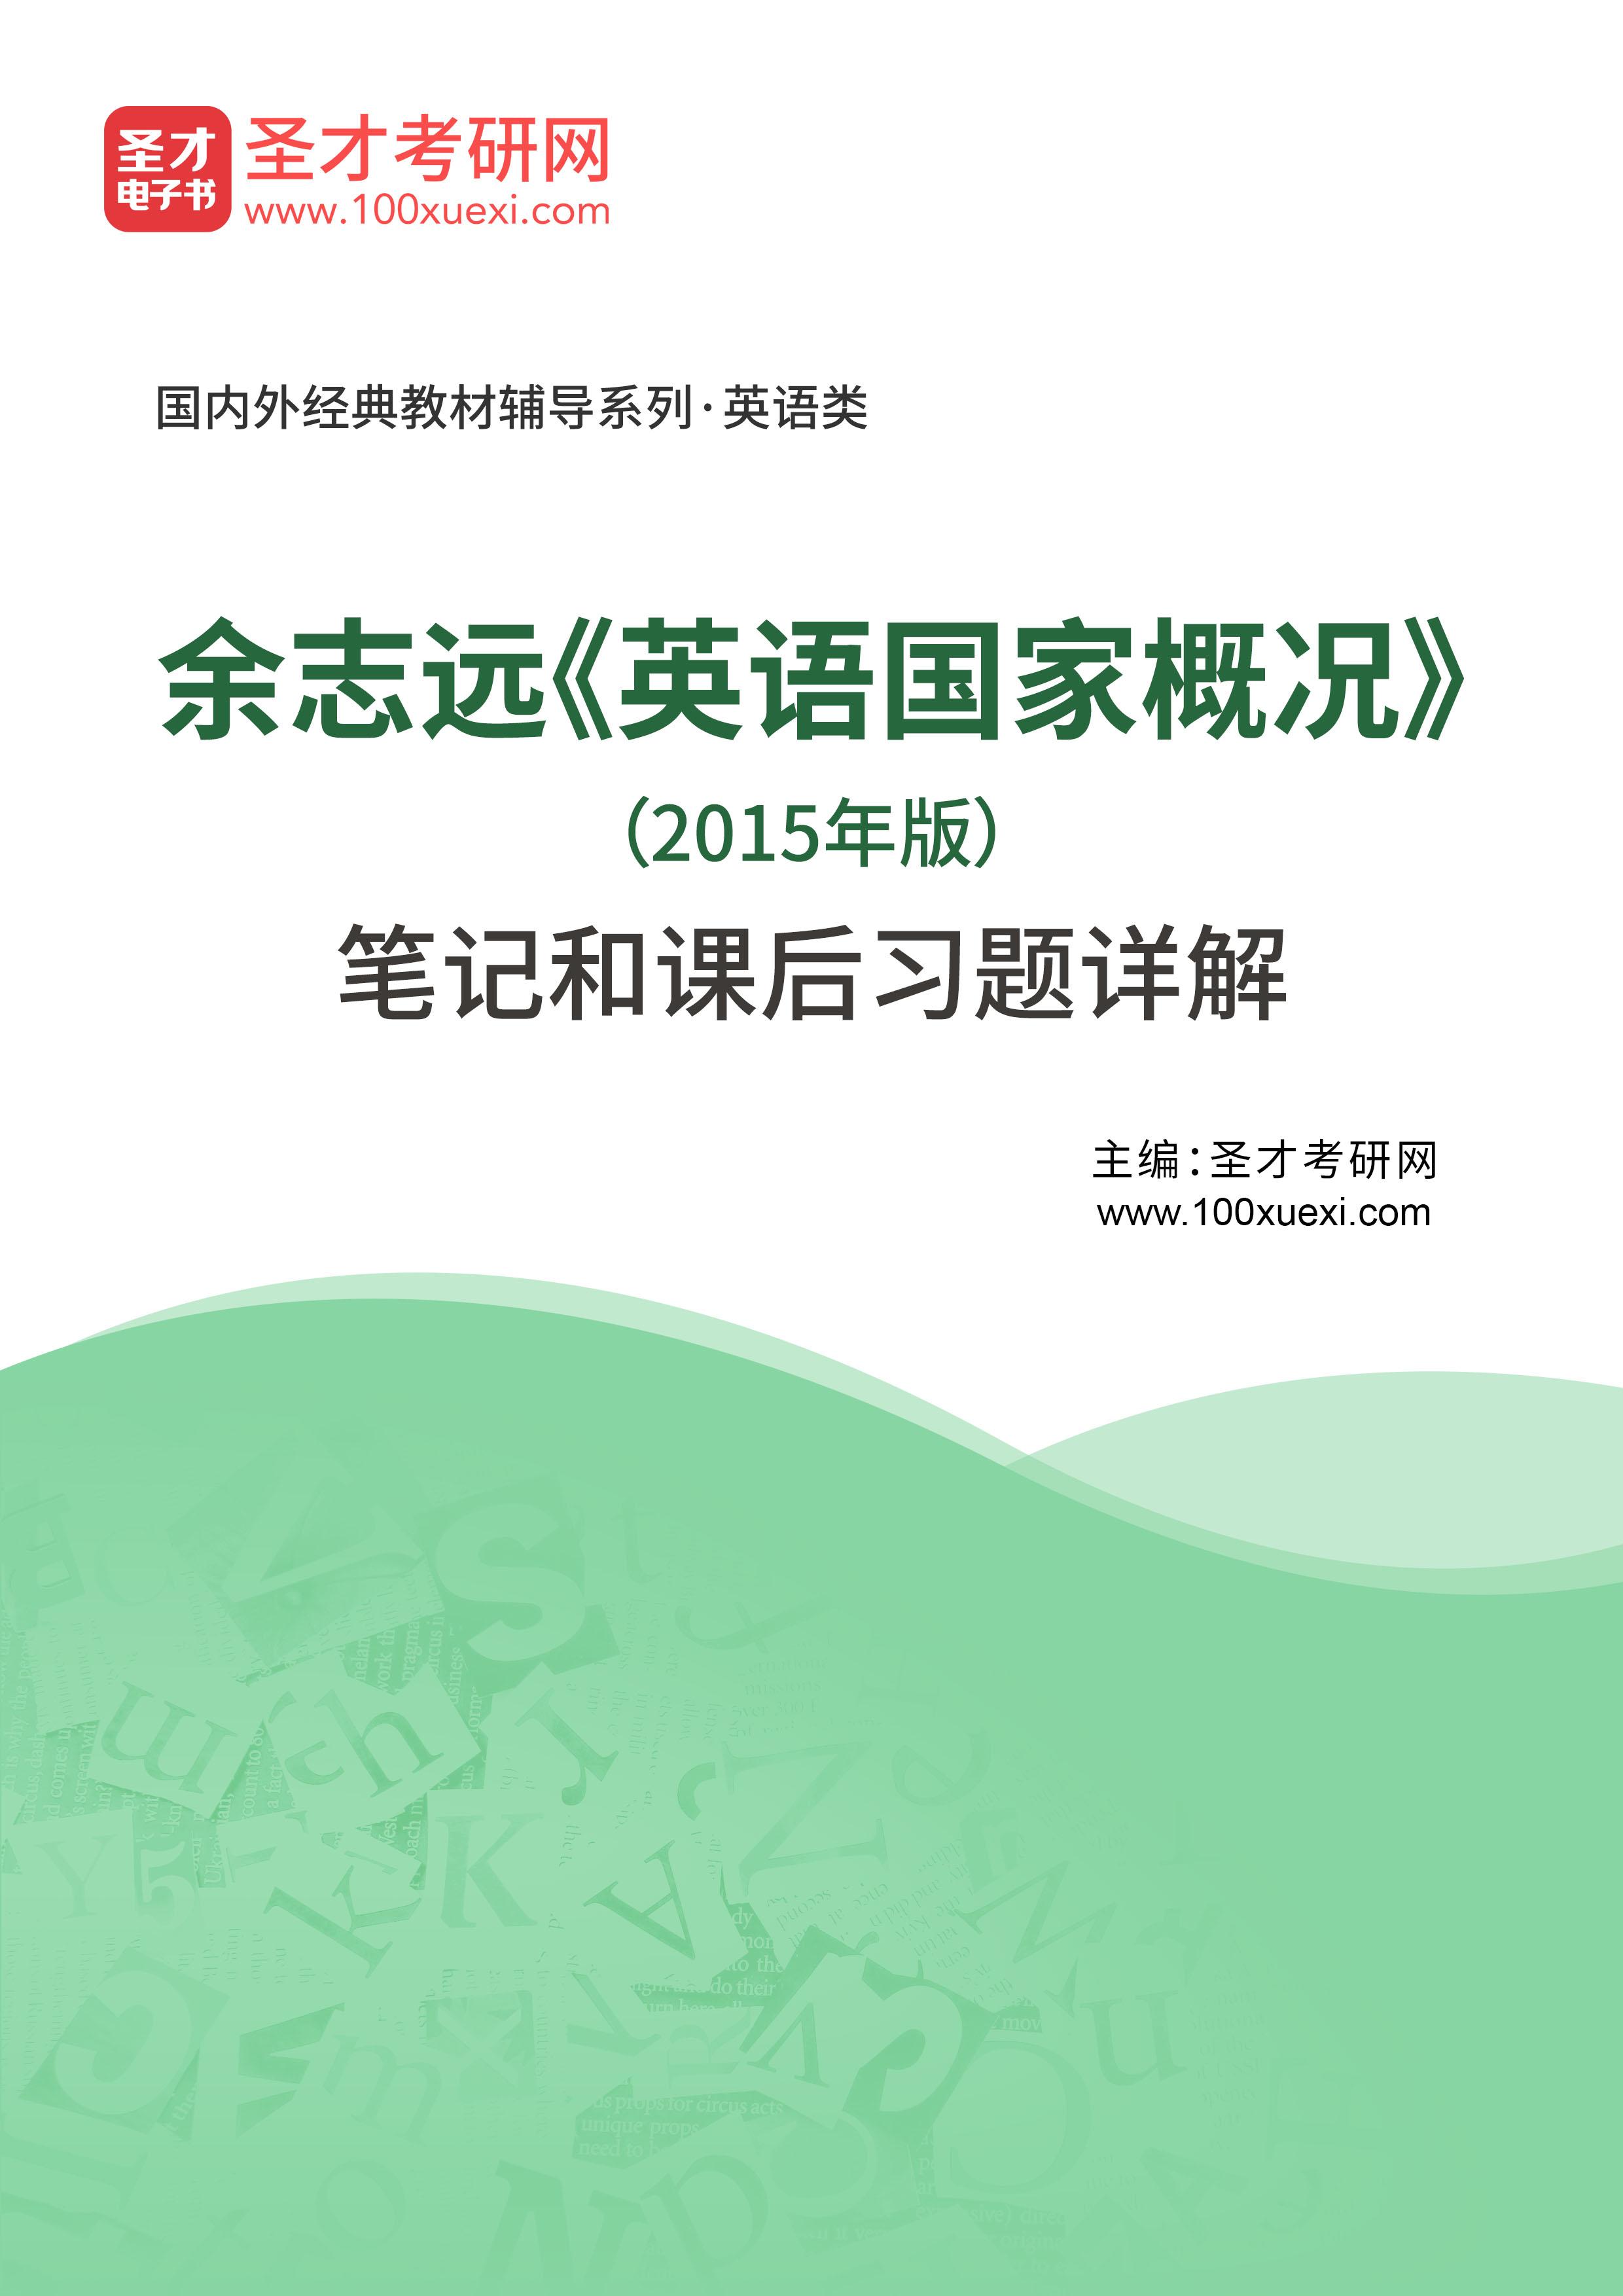 余志远《英语国家概况》(2015年版)笔记和课后习题详解